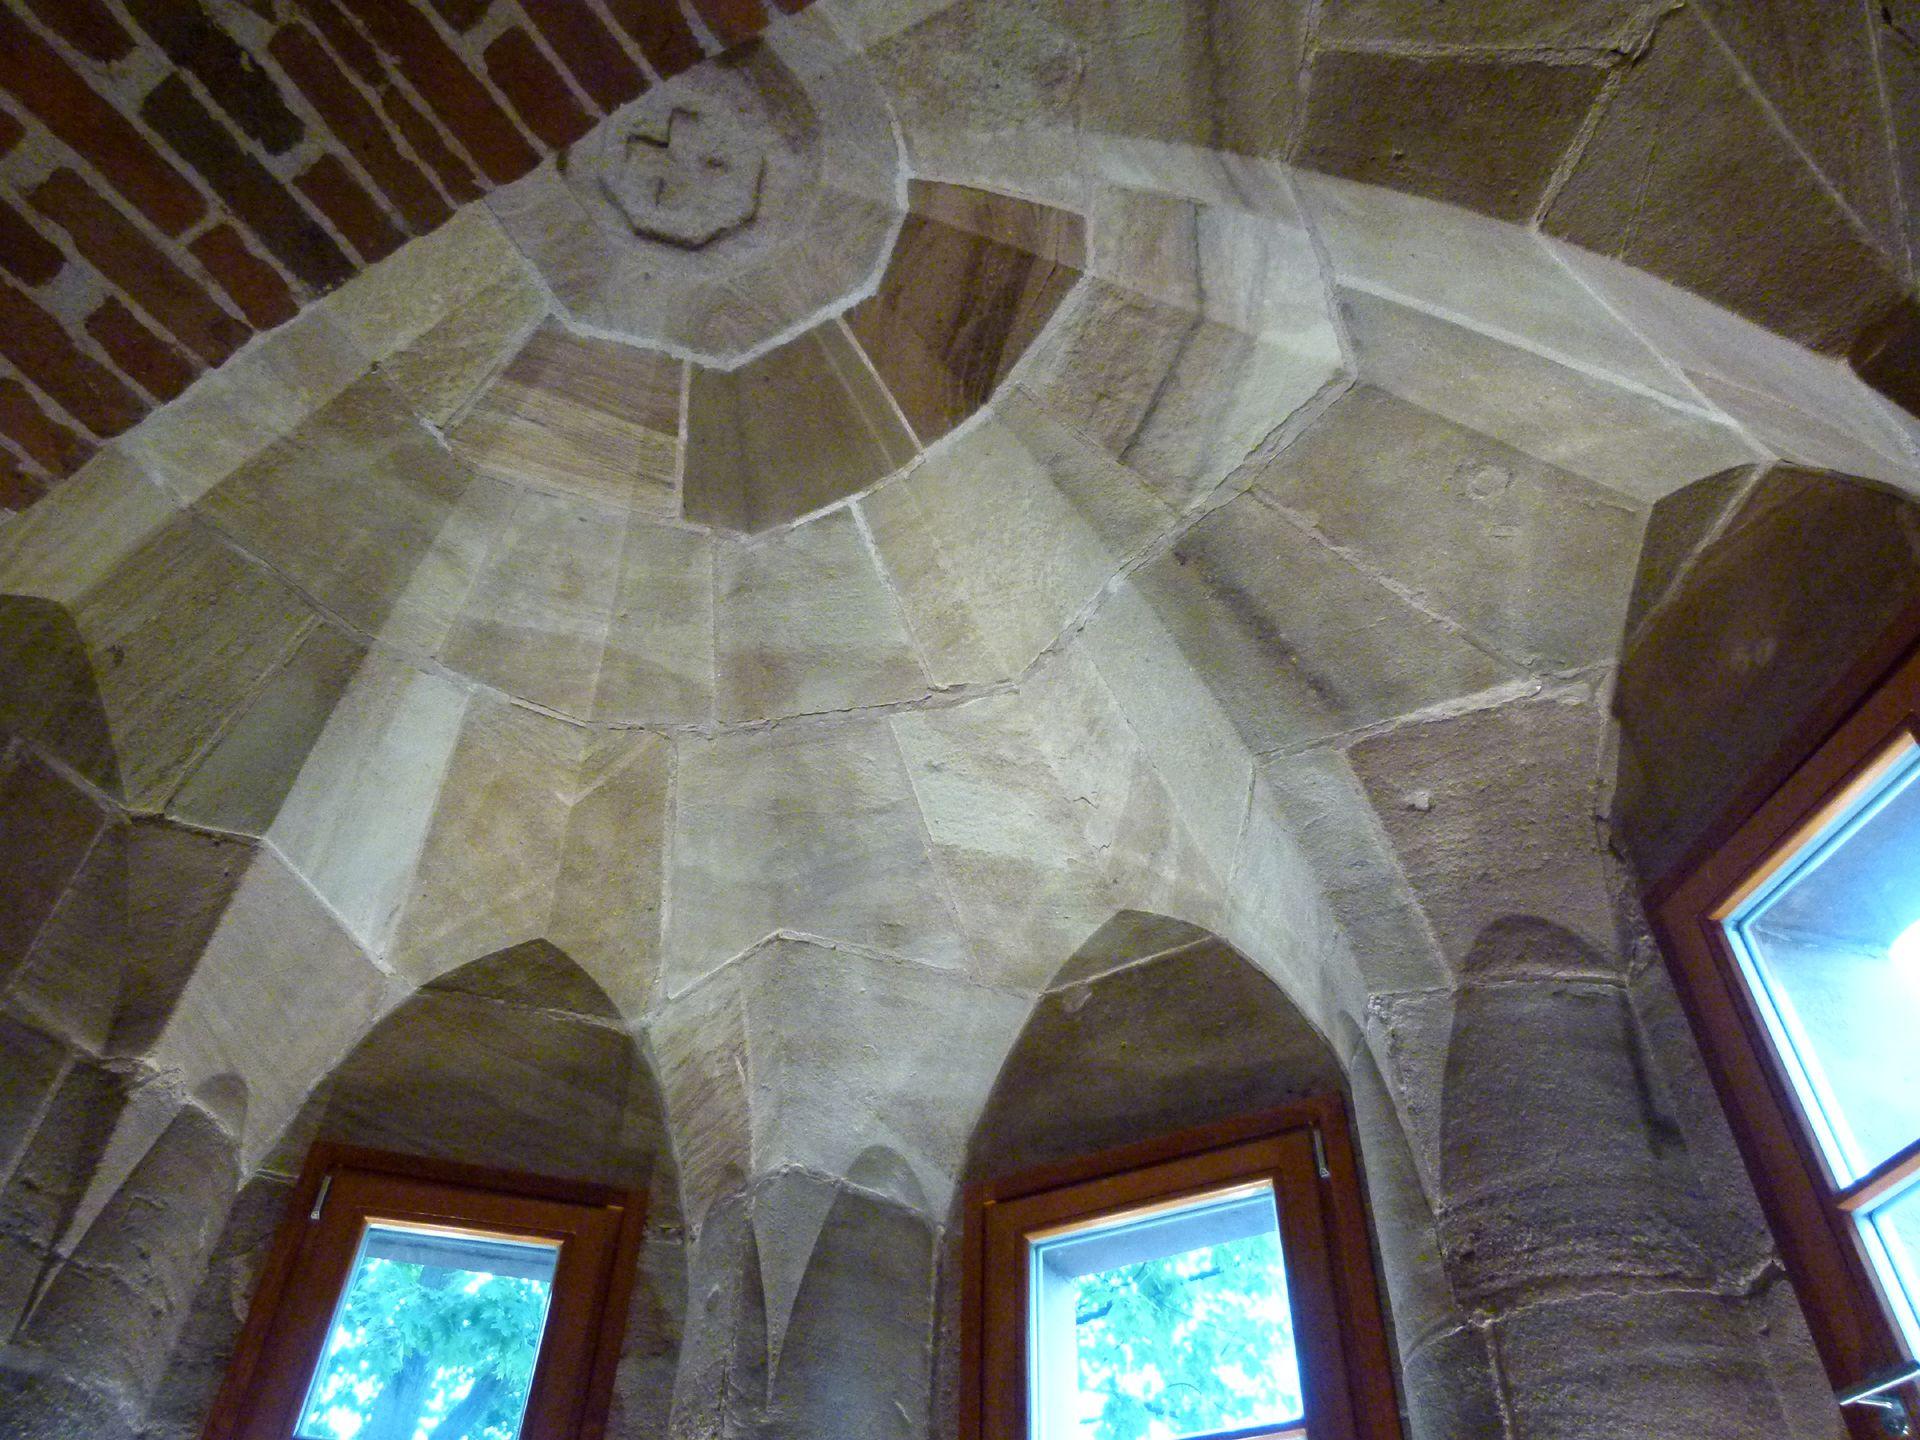 Kaiserstallung Erdgeschoss, Pseudogewölbe des dreieckigen, mehrgeschossigen Erkers an der Nordseite